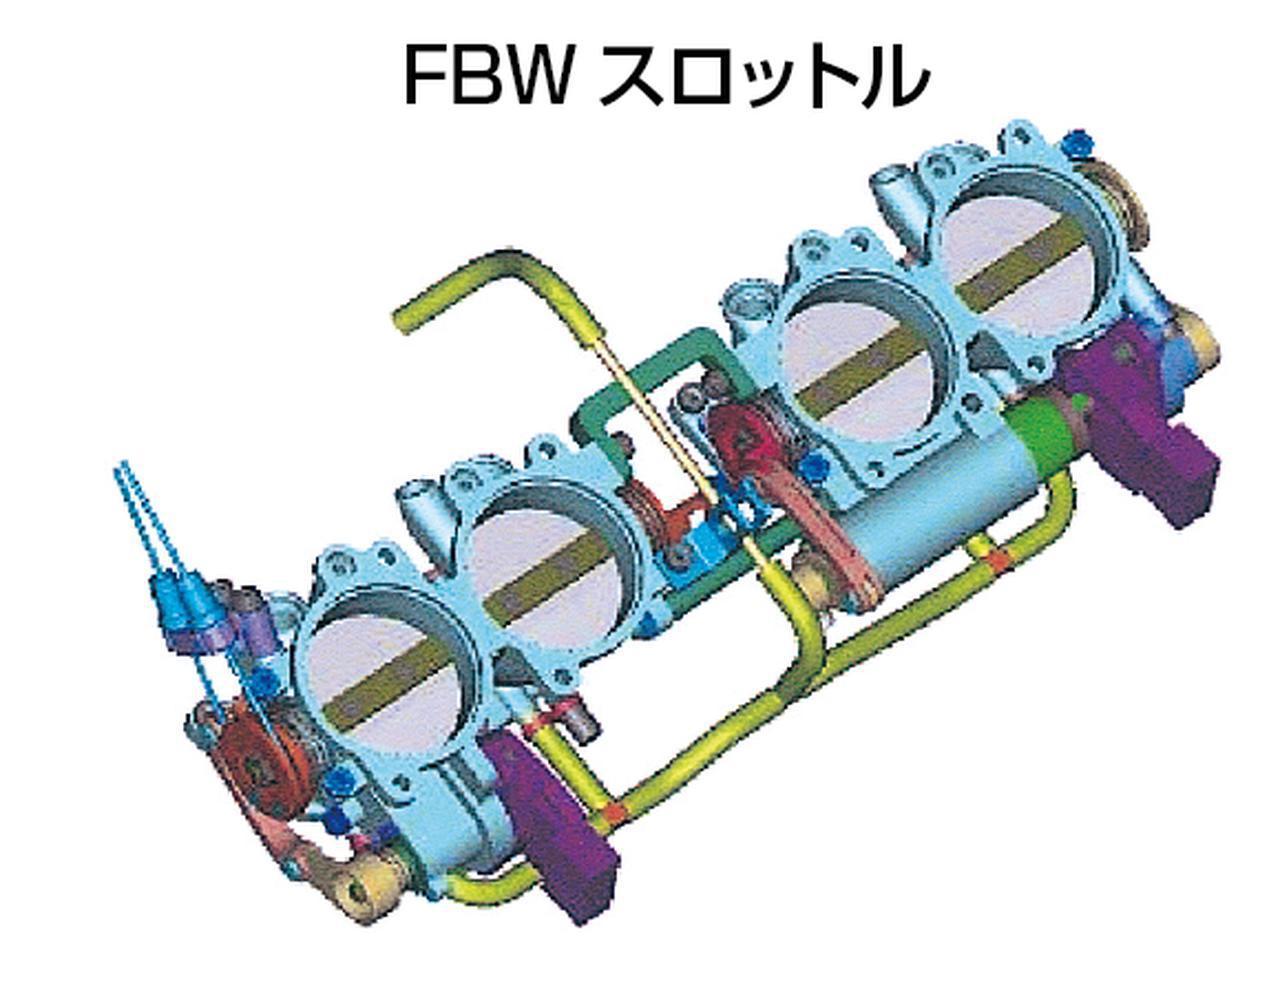 画像: フライバイワイア方式のスロットルバルブ制御は、2006年型になって見直しを受けた。左側2気筒はスロットルグリップによる直接開閉だが、右側2気筒は電子制御でグリップ全開時の開度を規制(1速で最大/5速で最小/6速は規制なし)して低いギアでの出力を抑える他、ブレーキング時の強烈なエンジンブレーキの低減にも利用している。4気筒のうち半分の燃焼圧力を小さくすれば、出力が抑制されるだけでなく、1サイクル(クランク2回転中)のトルクの変化率をより大きくすることができるはずで、これが不等間隔燃焼によるトラクション向上効果をさらに高めているのではないかと想像できる。